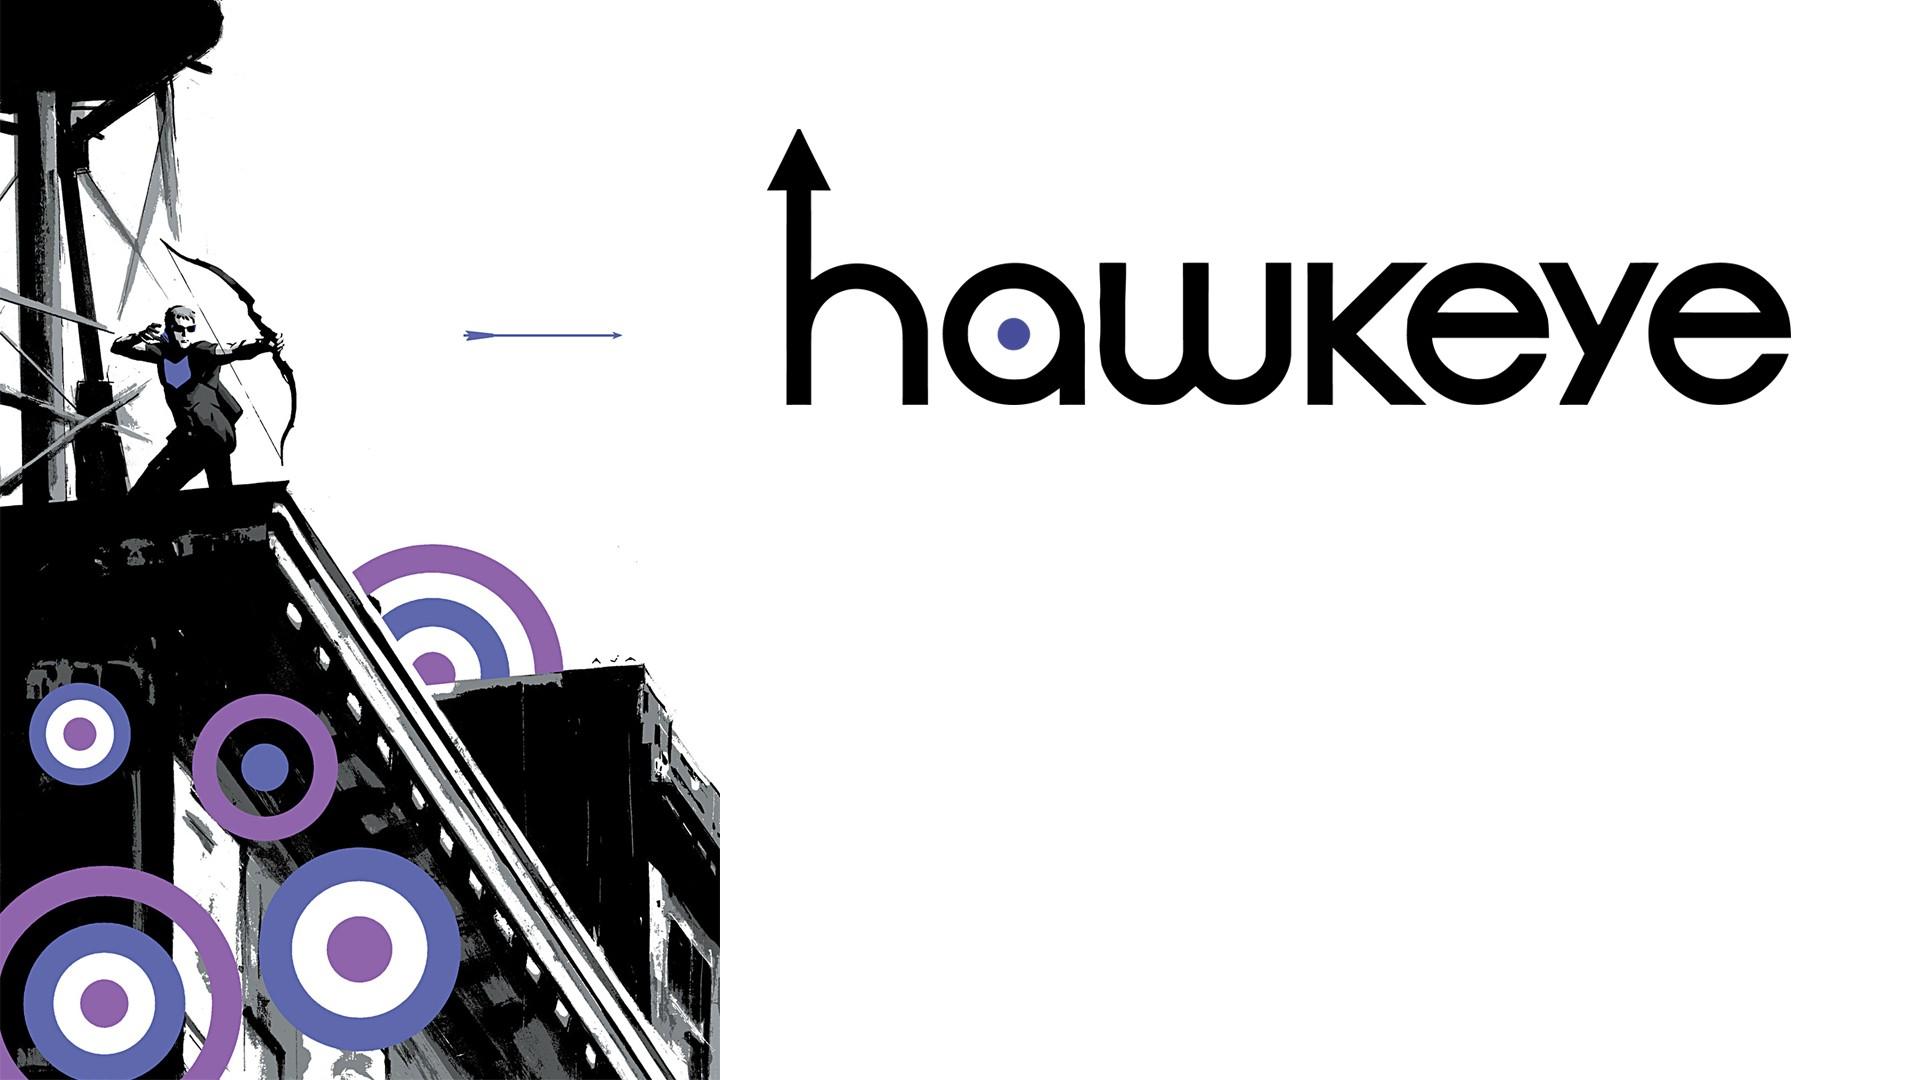 Hawkeye Computer Wallpapers Desktop Backgrounds 1920x1080